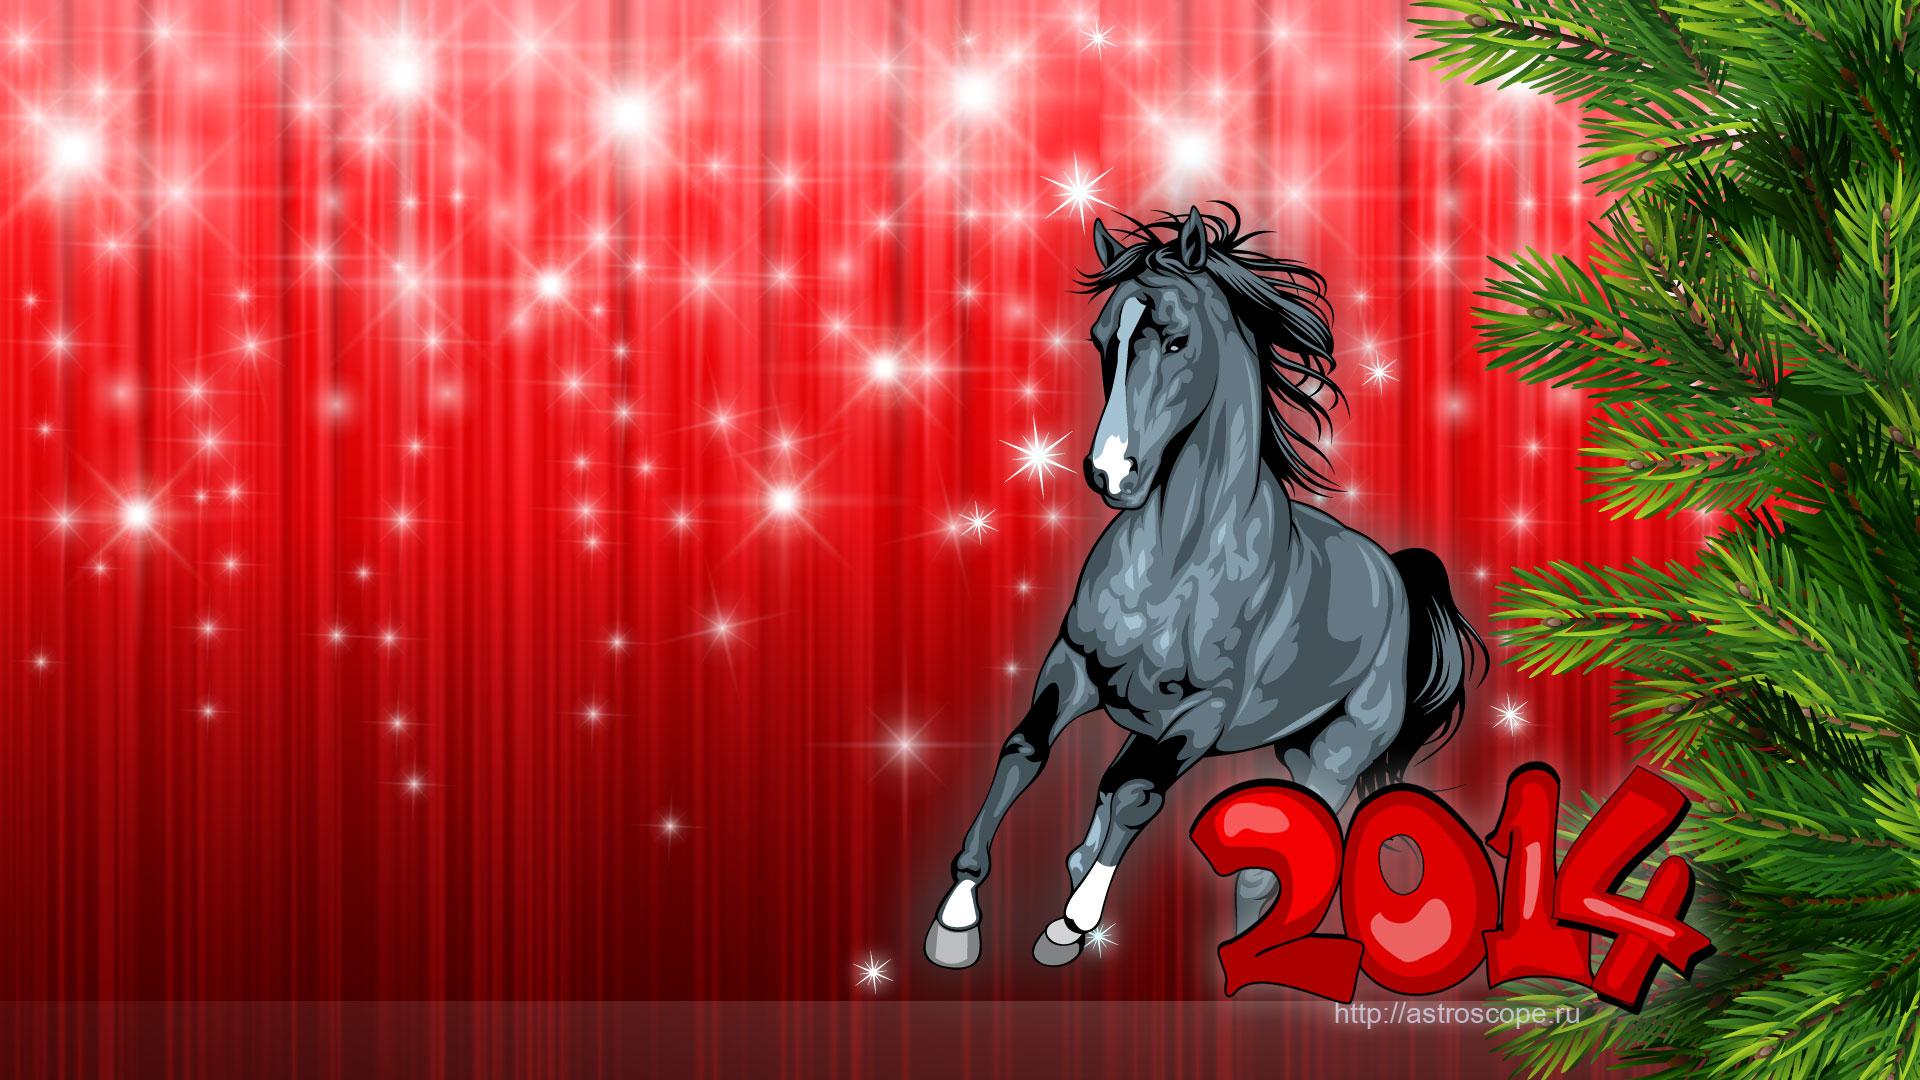 Обои Для Ноутбука Новогодние 378 240